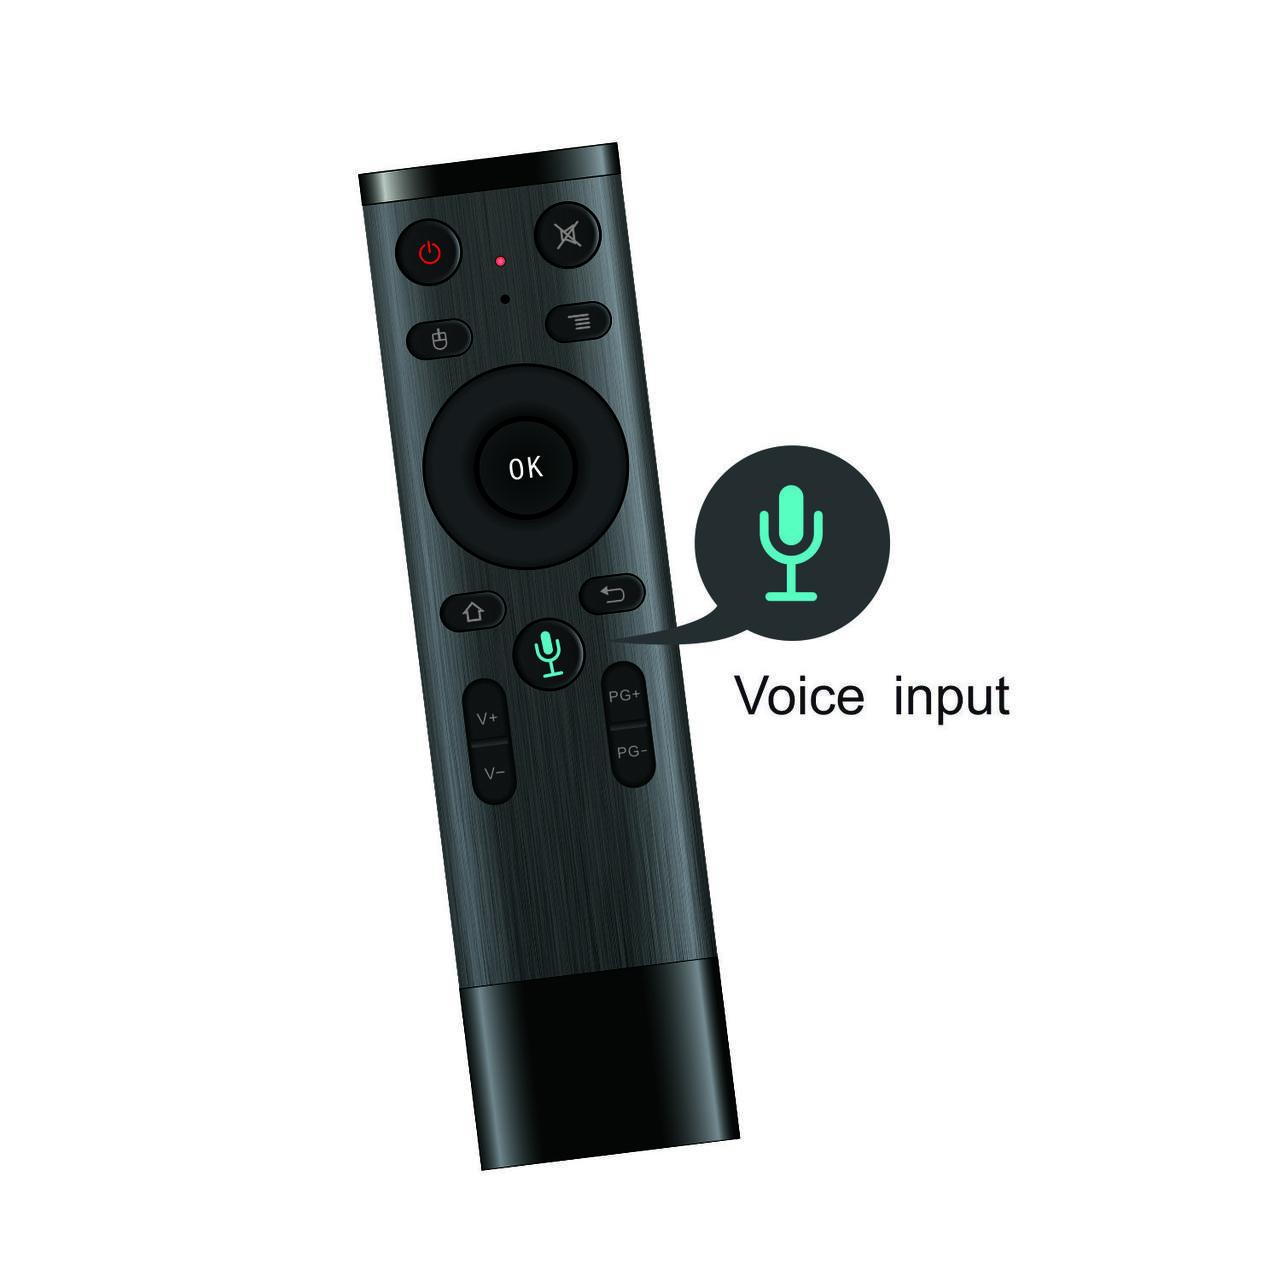 Пульт  управления Air mouse Q5 USB 2.4G (гироскоп + микрофон)